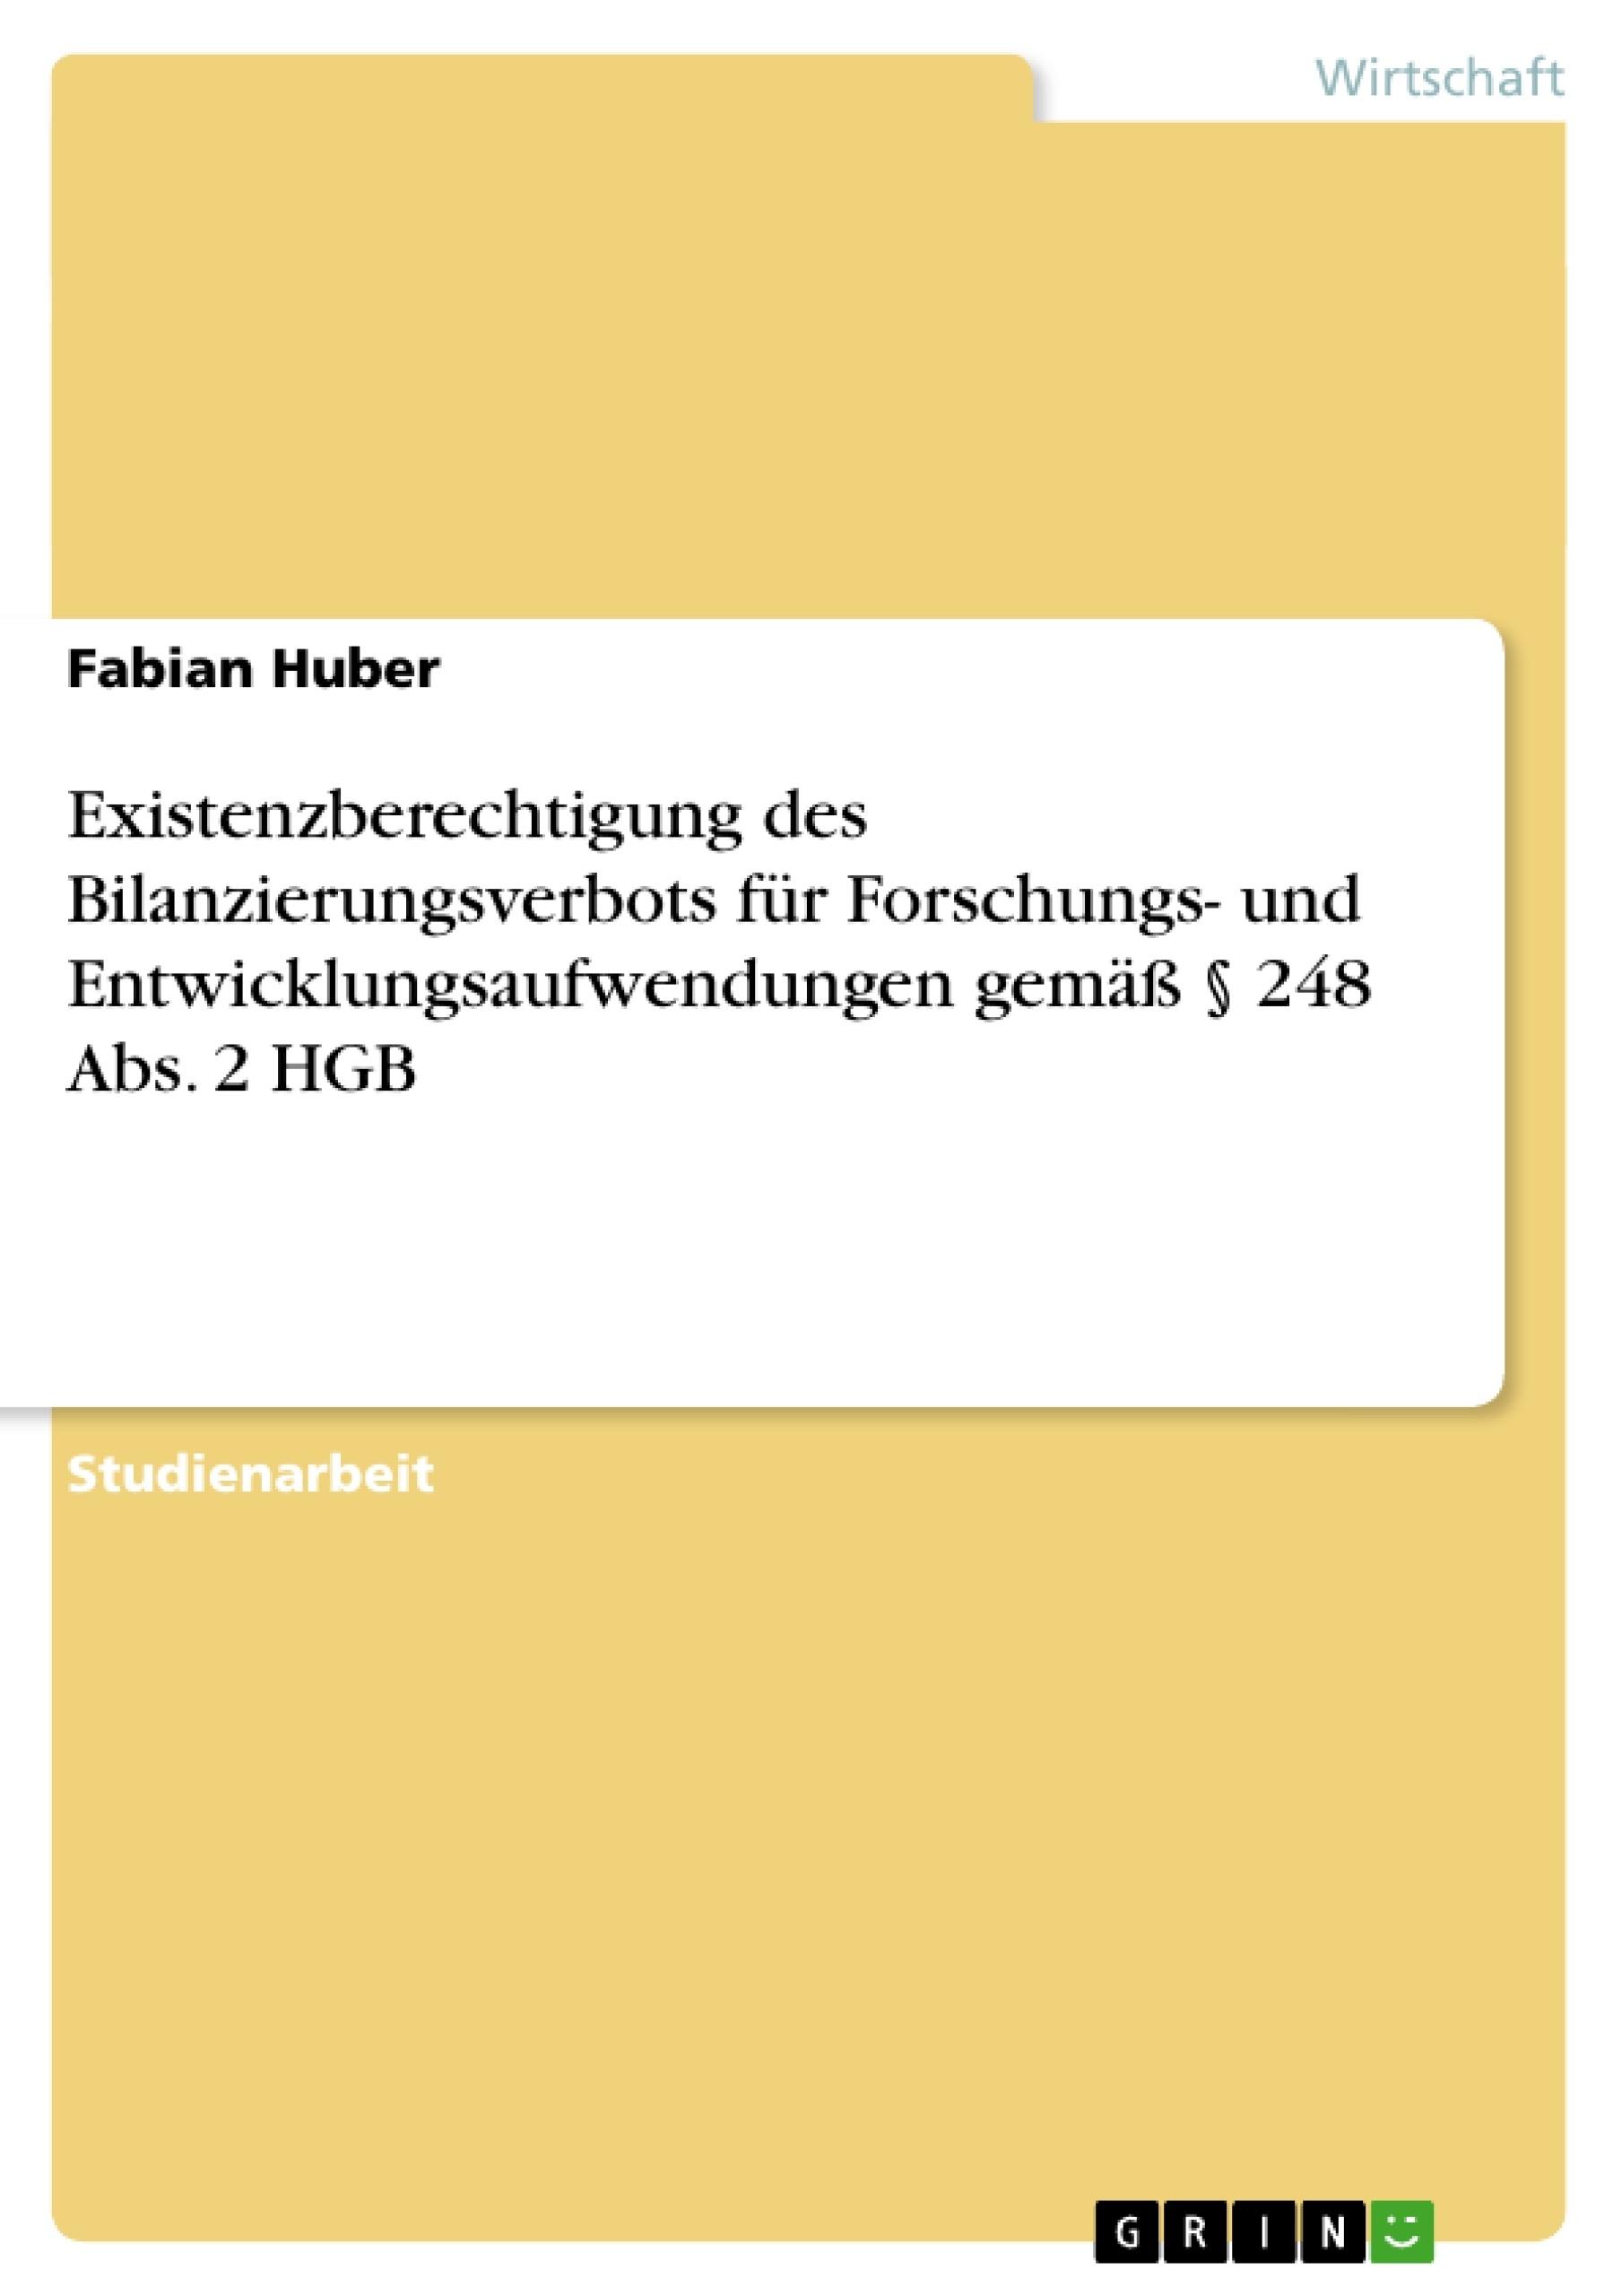 Titel: Existenzberechtigung des Bilanzierungsverbots für Forschungs- und Entwicklungsaufwendungen gemäß § 248 Abs. 2 HGB